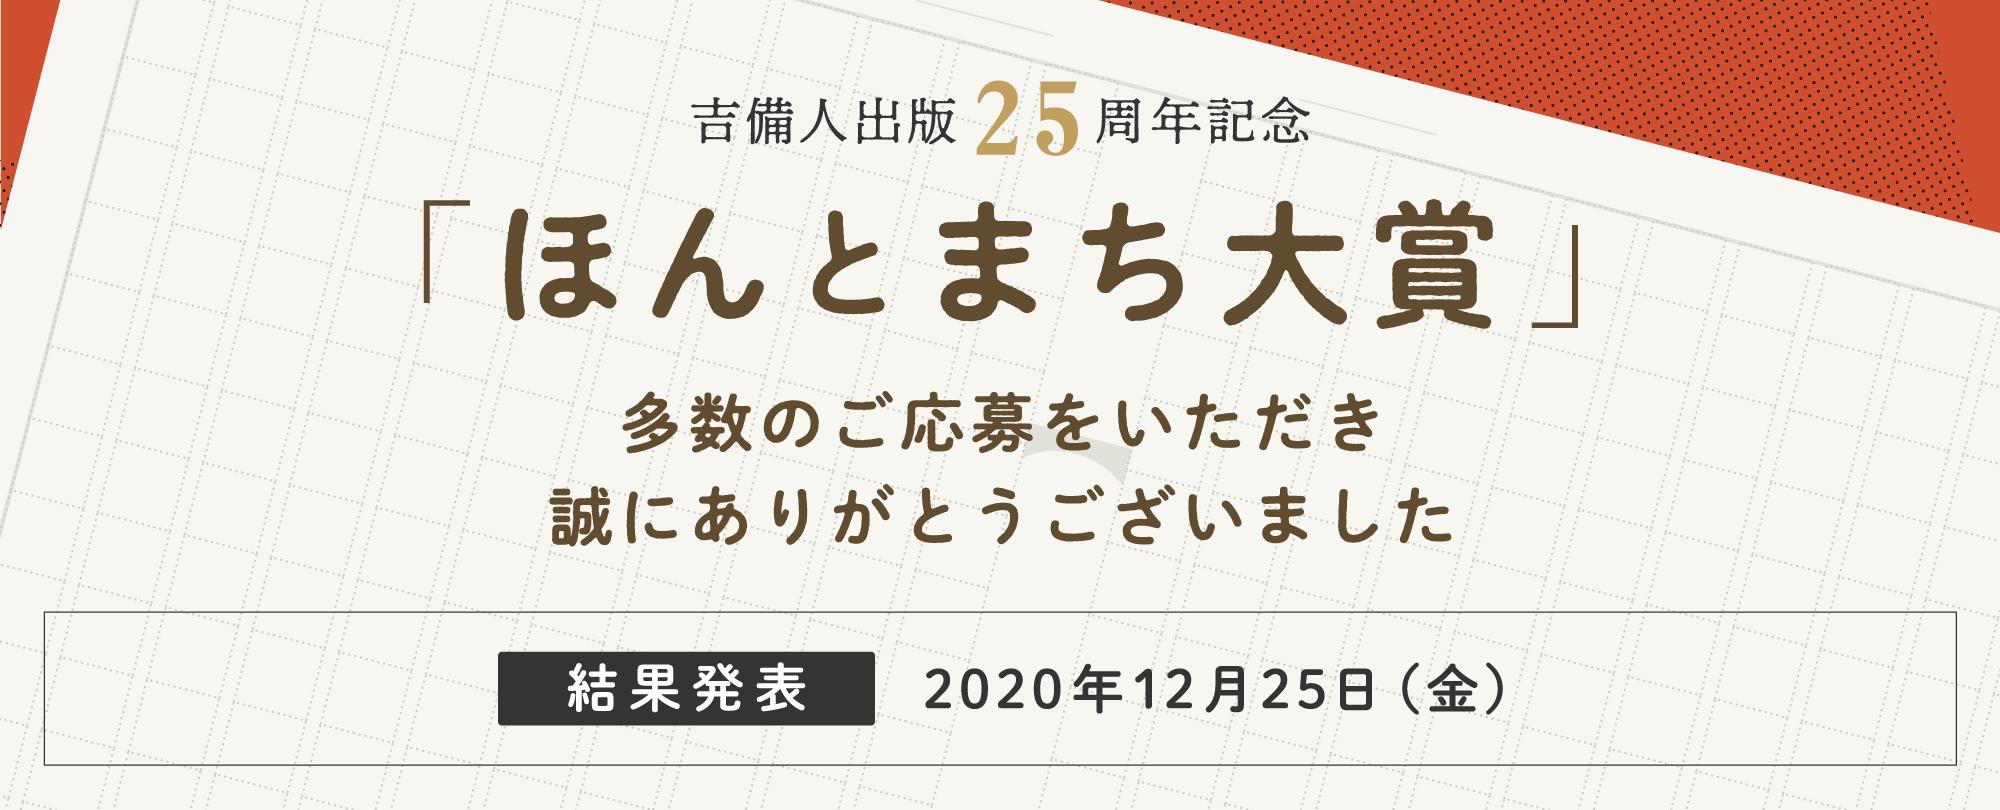 吉備人出版25周年記念 第3回「ほんとまち大賞」作品募集締切りのお知らせ